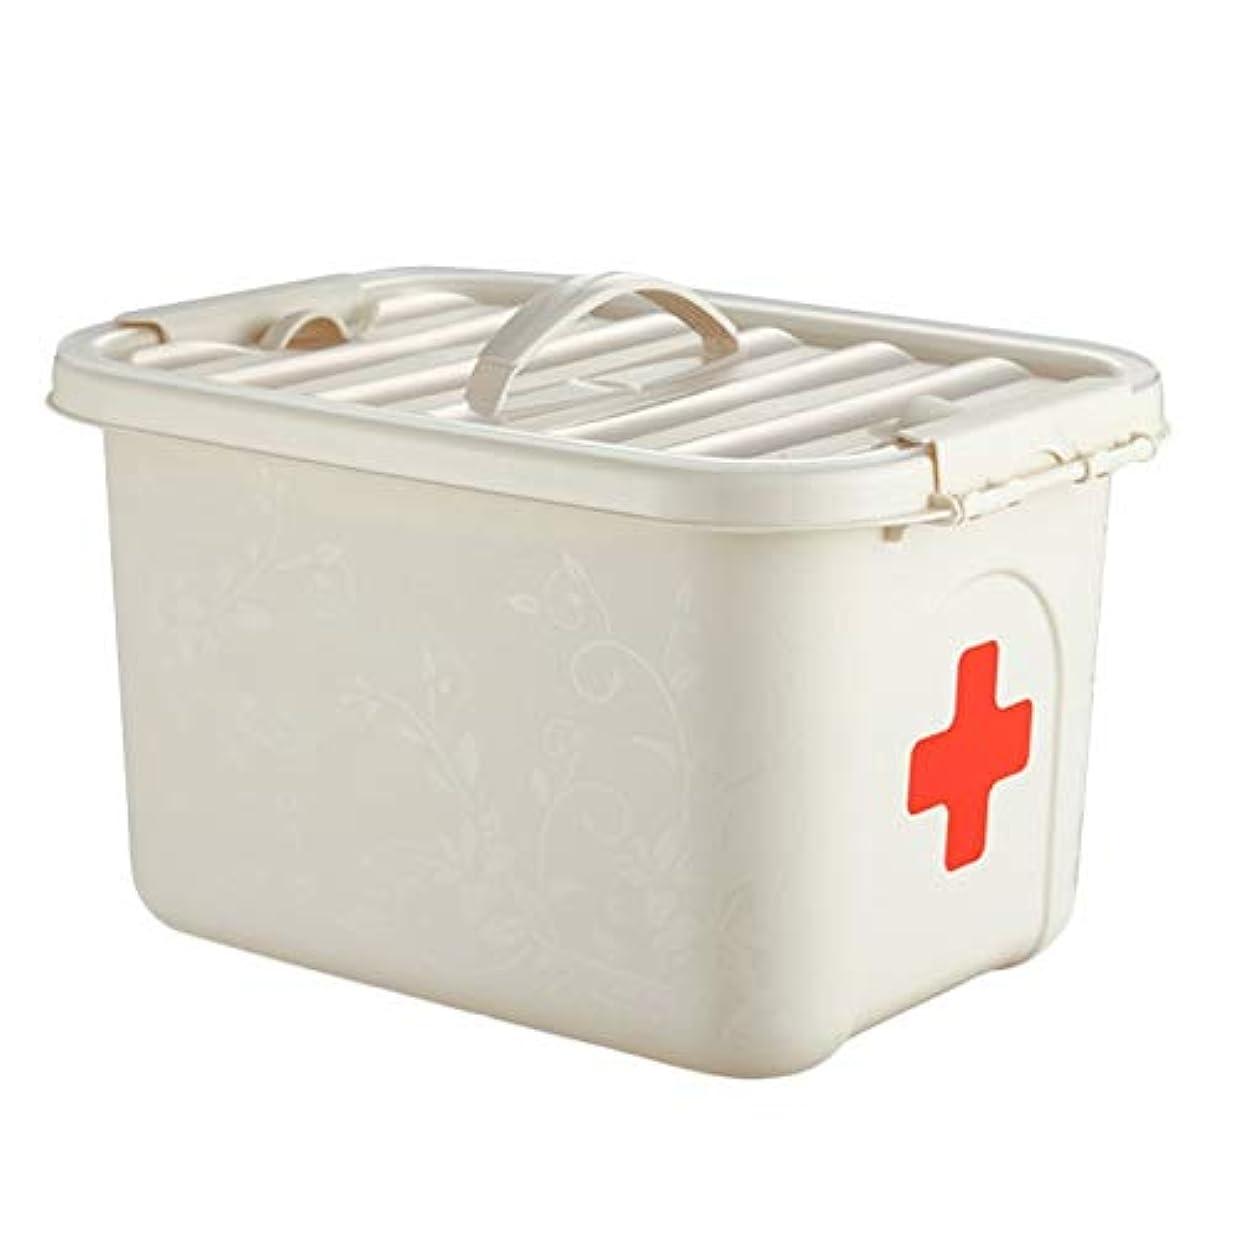 代わりにを立てる必要ない攻撃的KTYXDE ピルボックス薬収納ボックスPP家庭用薬箱28x20.5x16.5cm 薬収納ボックス (Color : White, Size : With compartments)